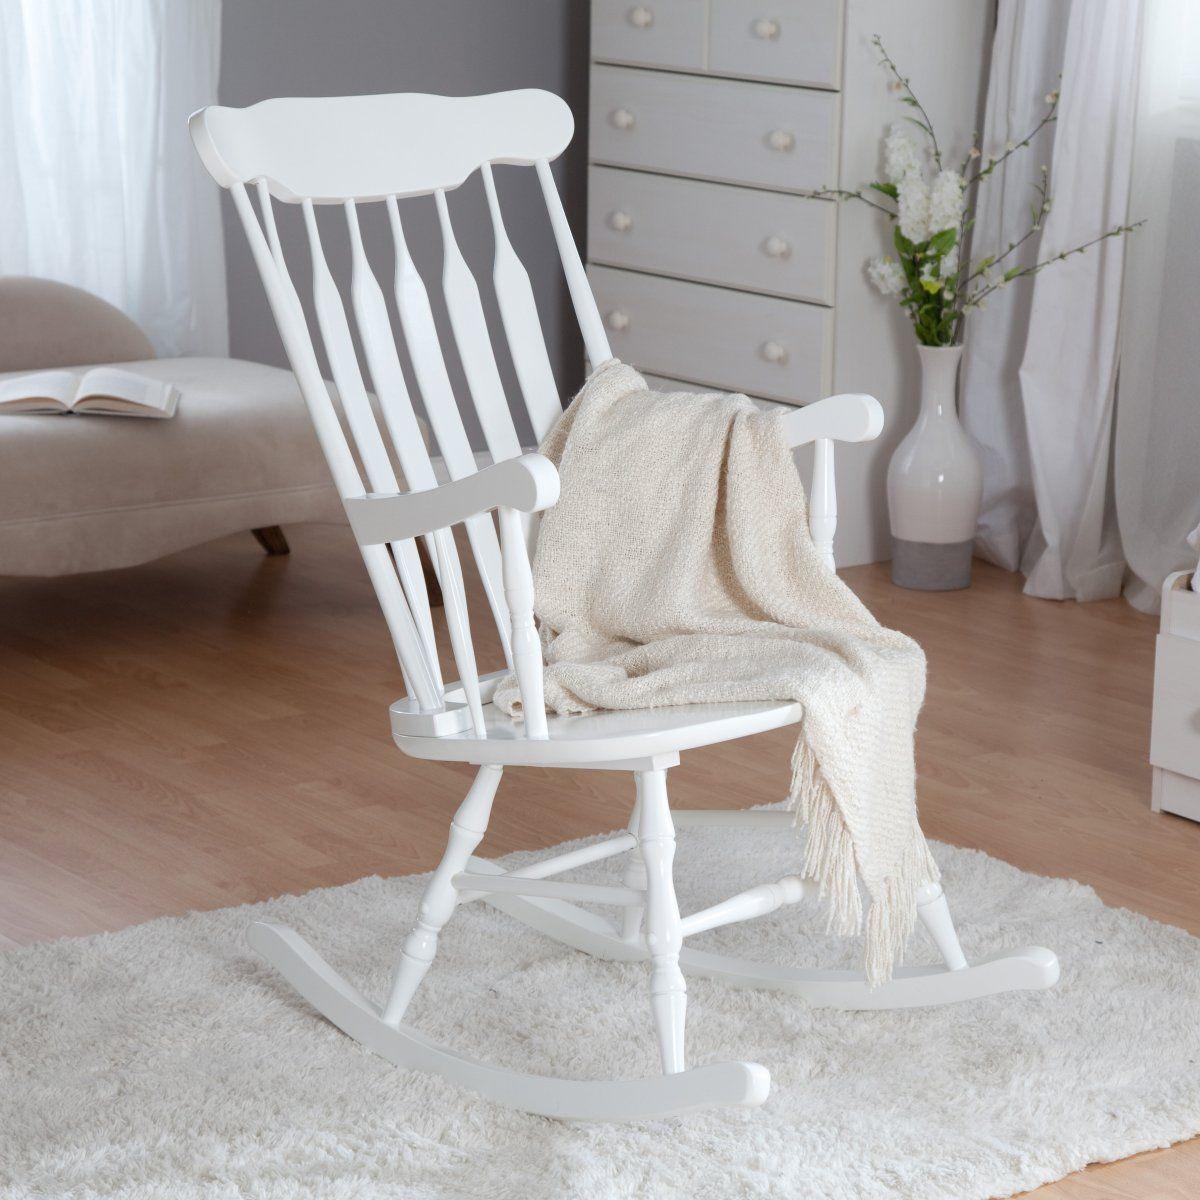 Kidkraft Rocking Chair